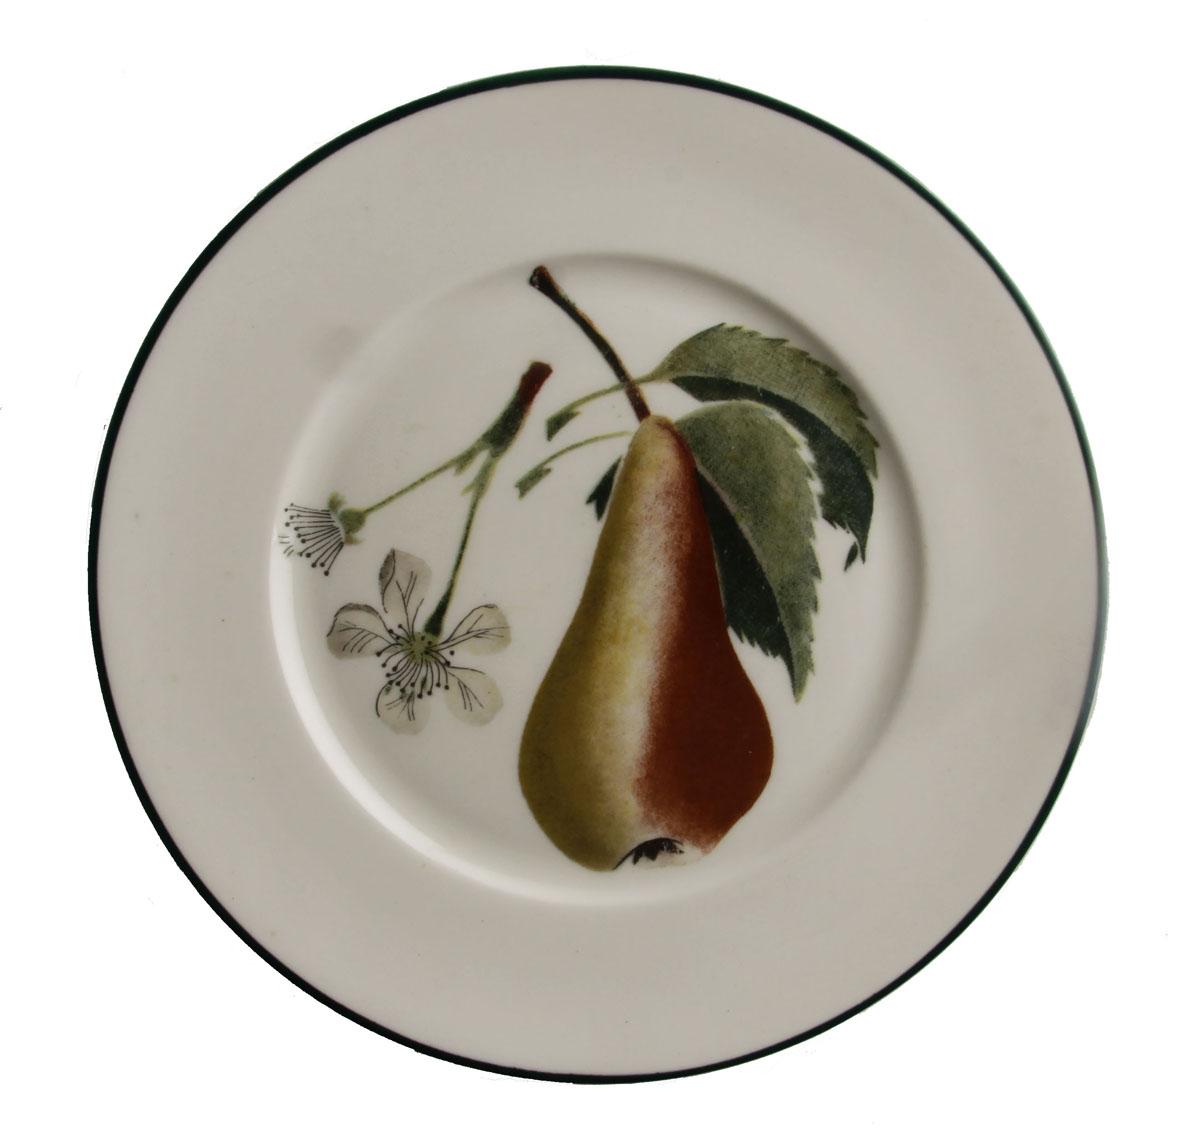 Тарелка Груша Аббат. Фарфор, роспись. Дания, Lunning, вторая половина XX века кольцо бижутерия 2409690